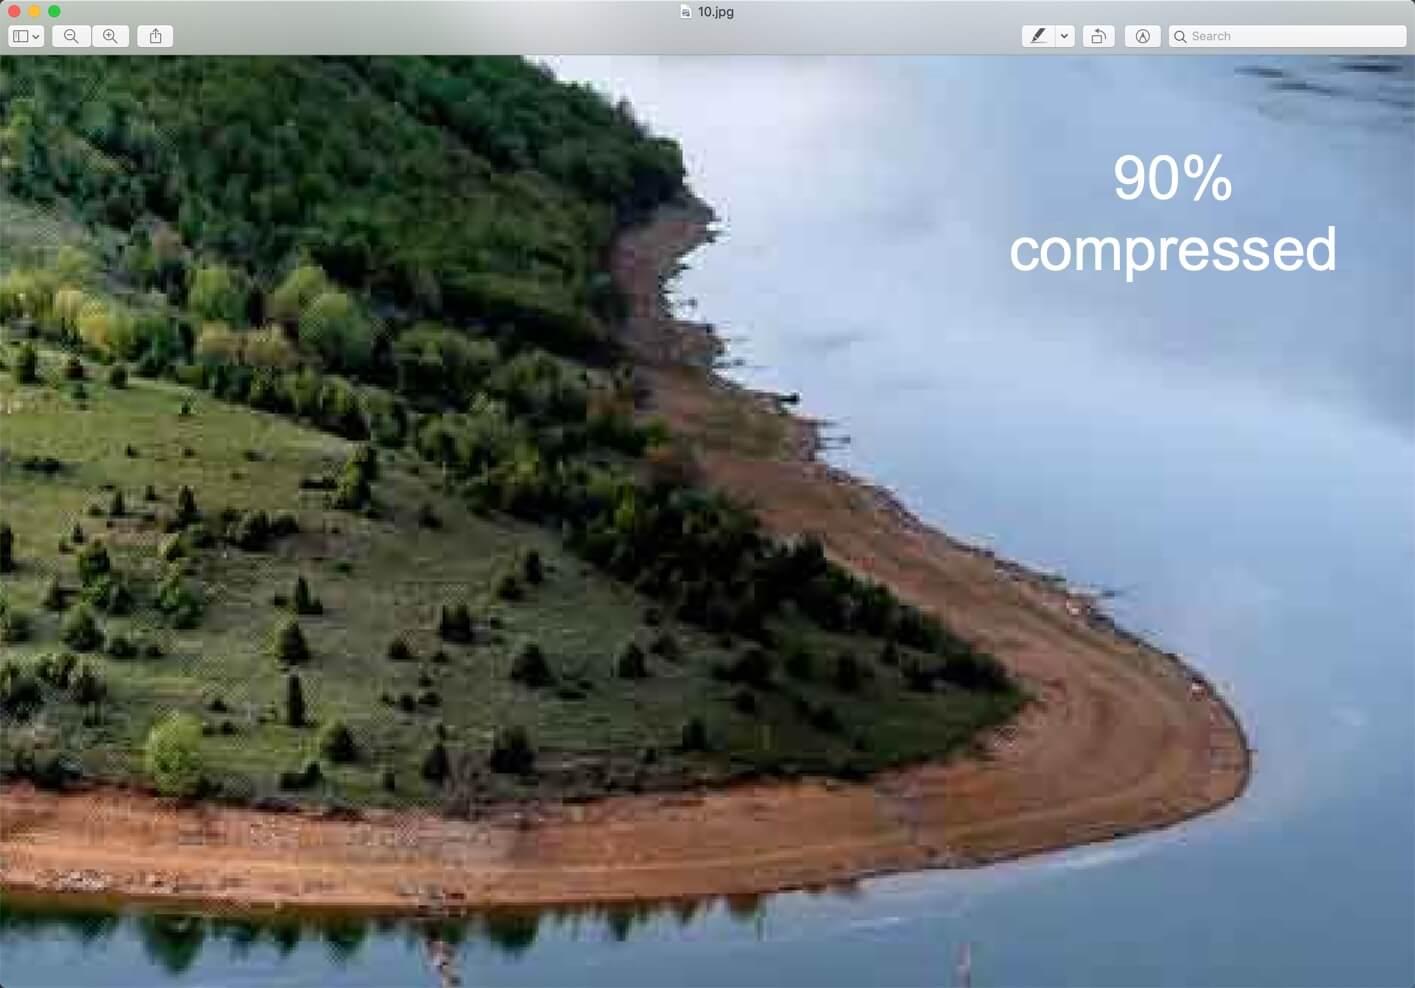 90-1 - JPEG Save Options Explained - Photoshop